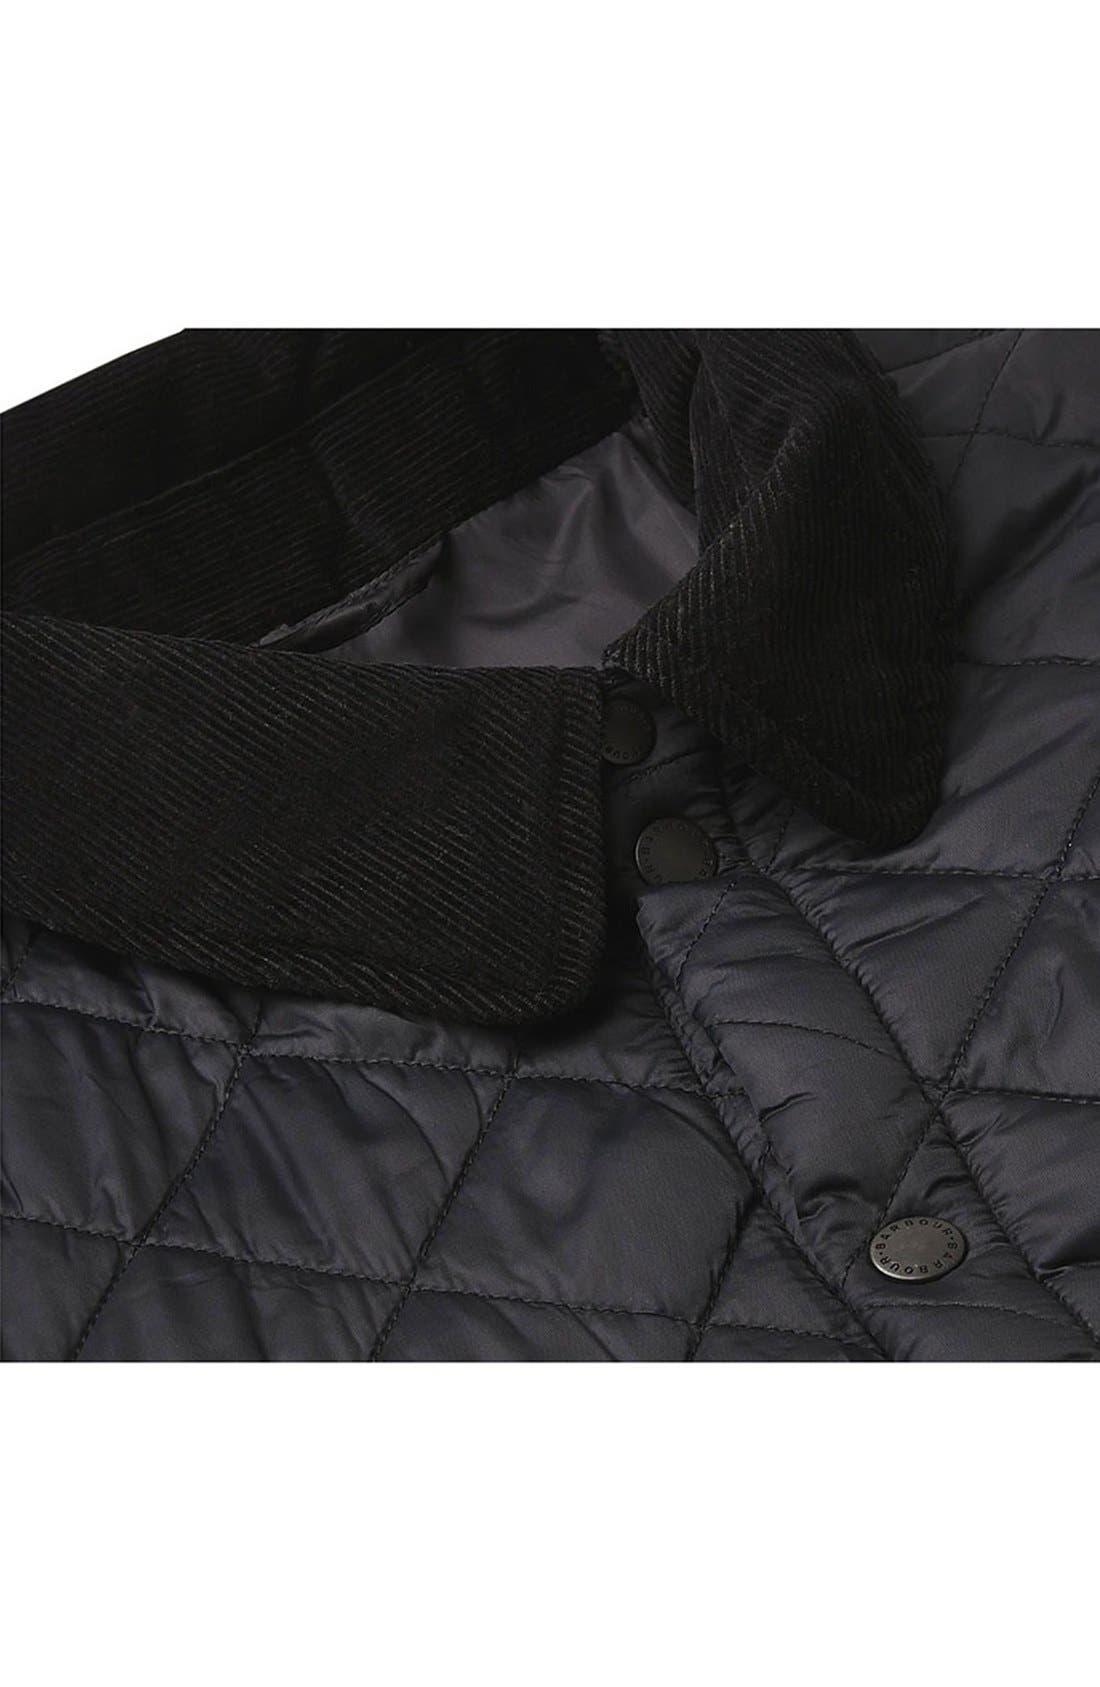 'Akenside' Regular Fit Quilted Jacket,                             Alternate thumbnail 7, color,                             Black